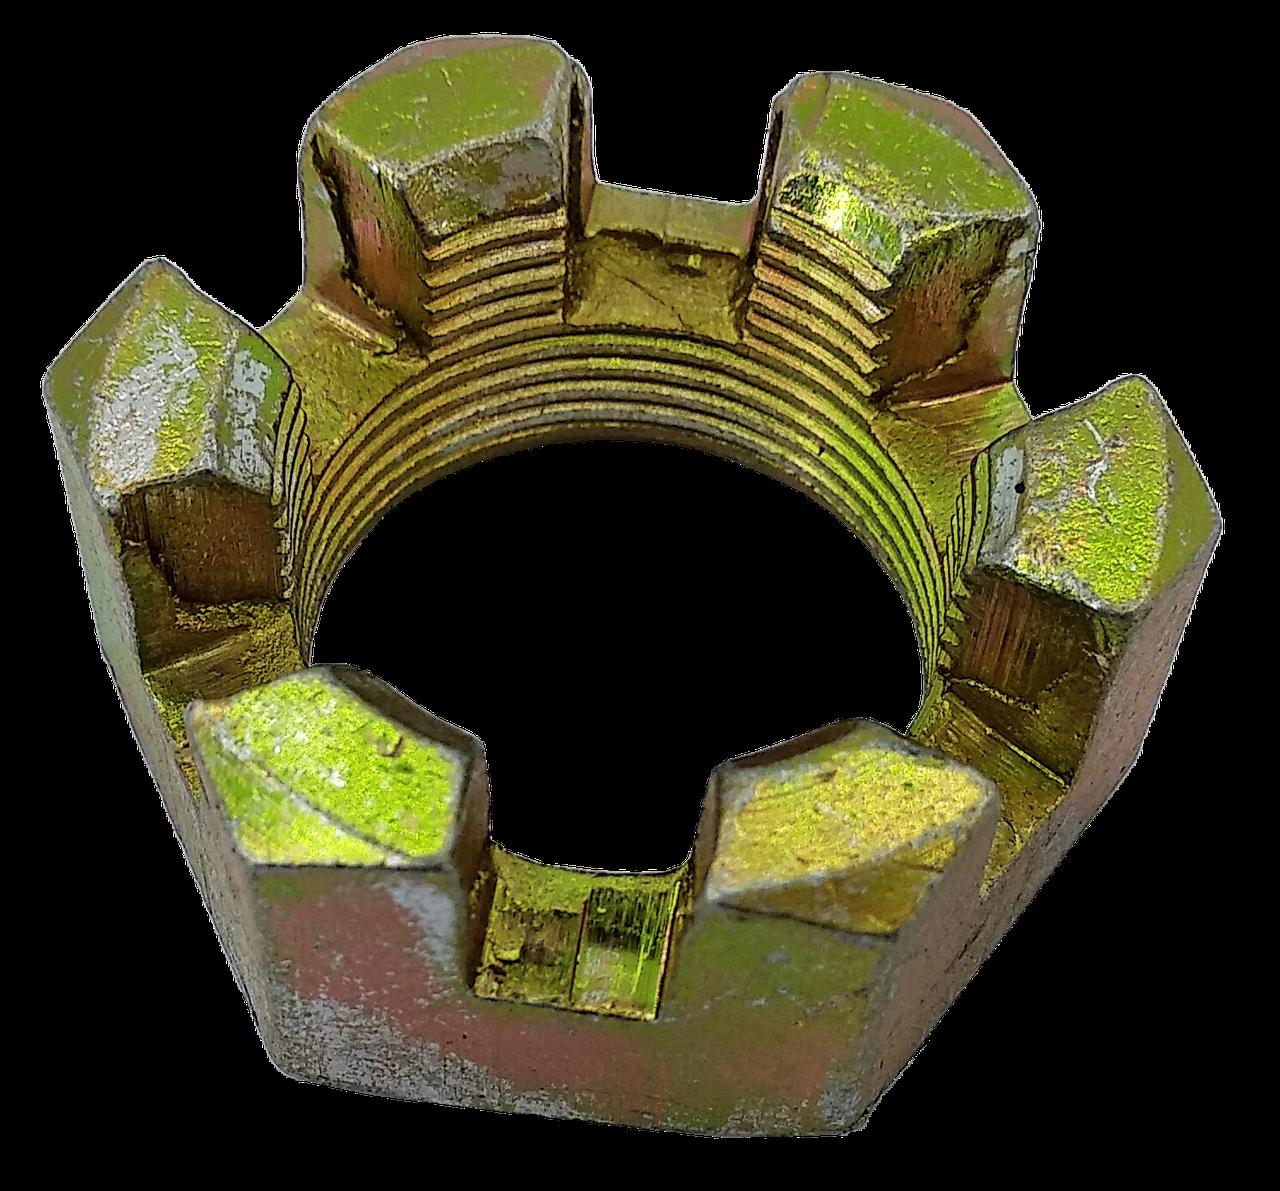 Гайка МТЗ-82 М18х1.5 корончатая оцинкованная 70-3003032. Гайка МТЗ-82 М18х1.5 корончата оцинкована